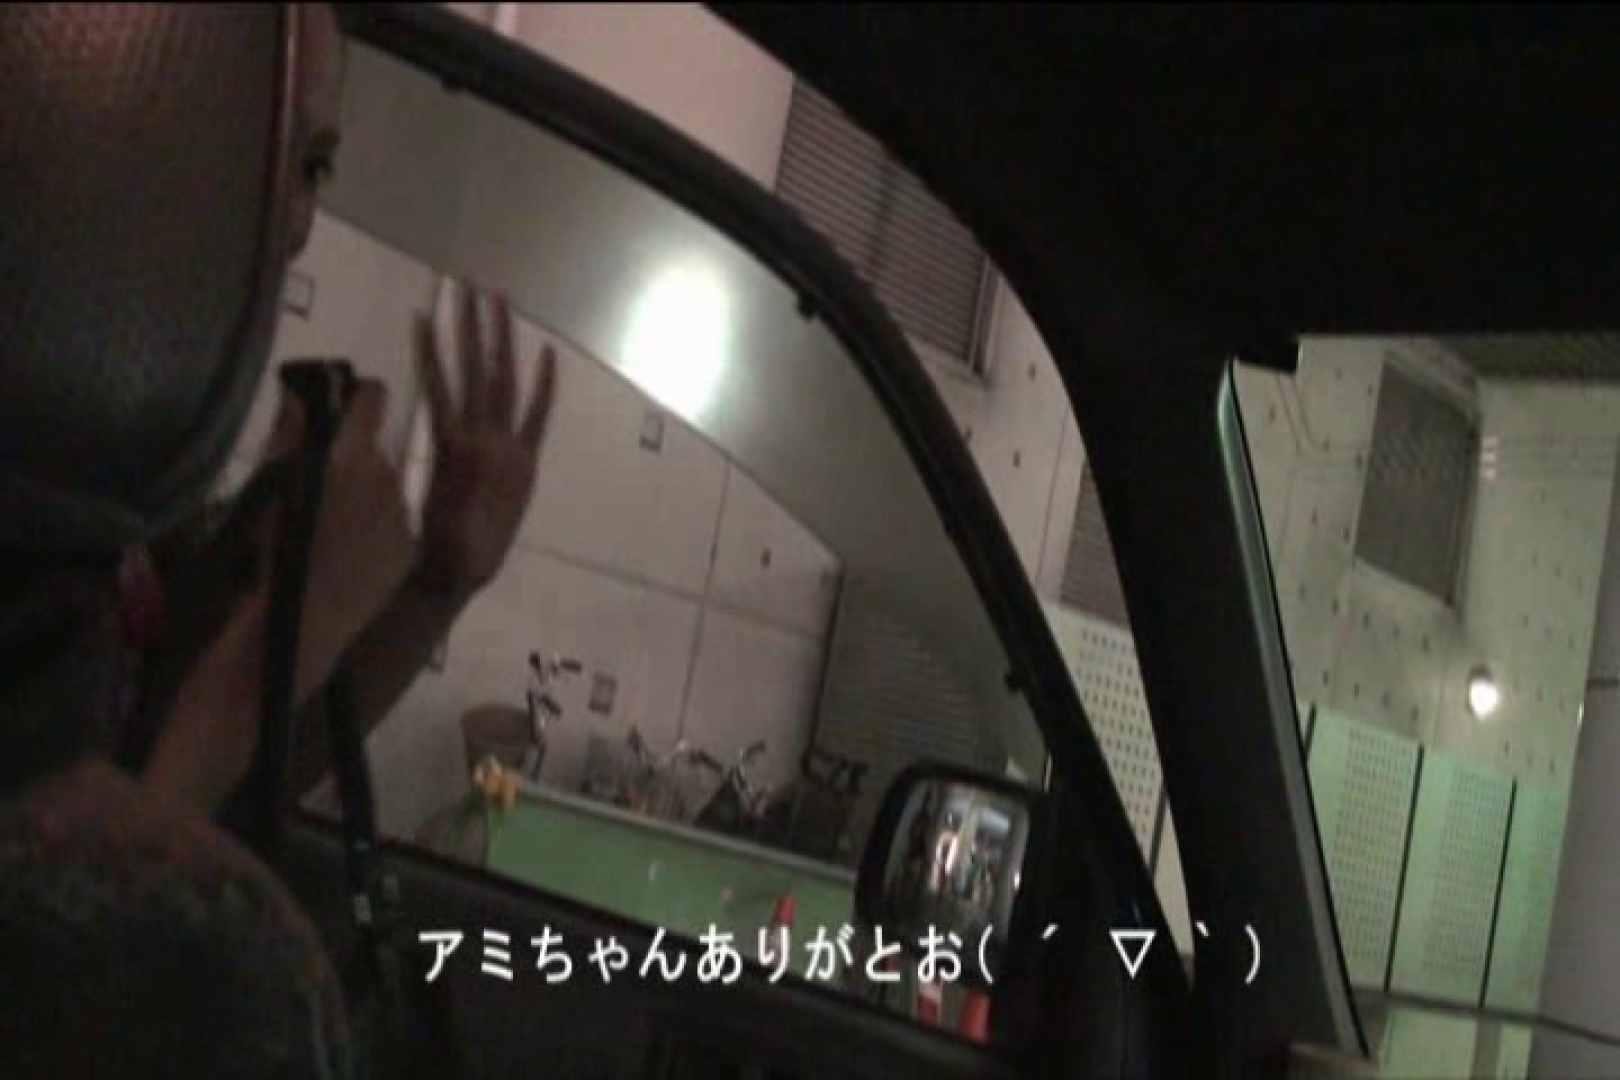 車内で初めまして! vol01 ハプニング   盗撮  68pic 14